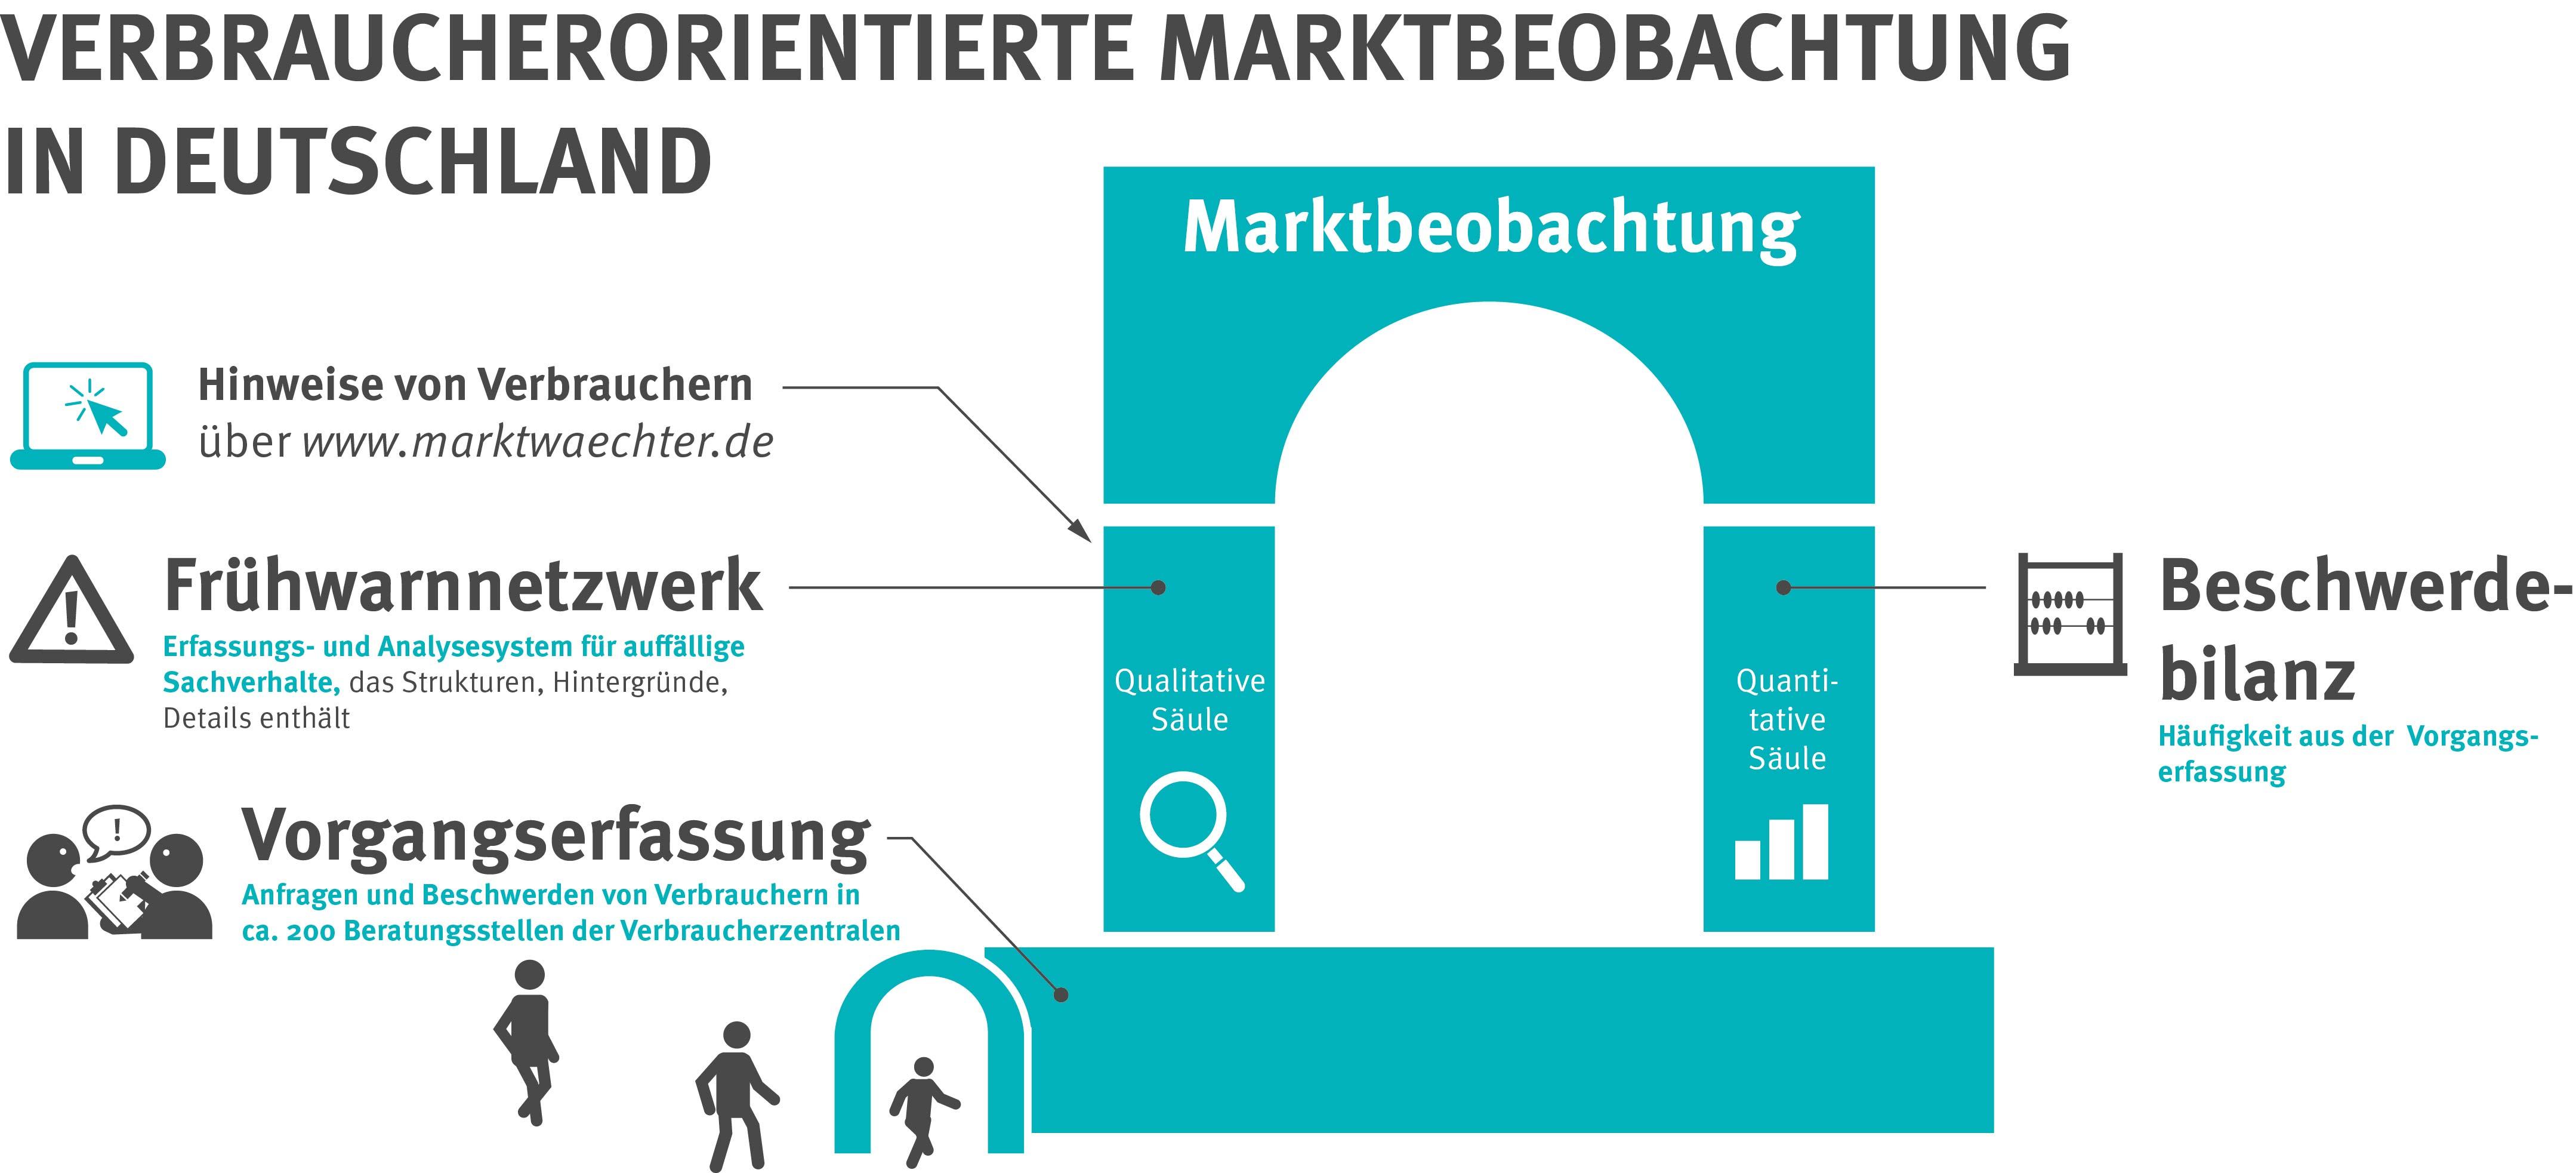 Infografik mit zwei Säulen, einem Dach und einem Sockel